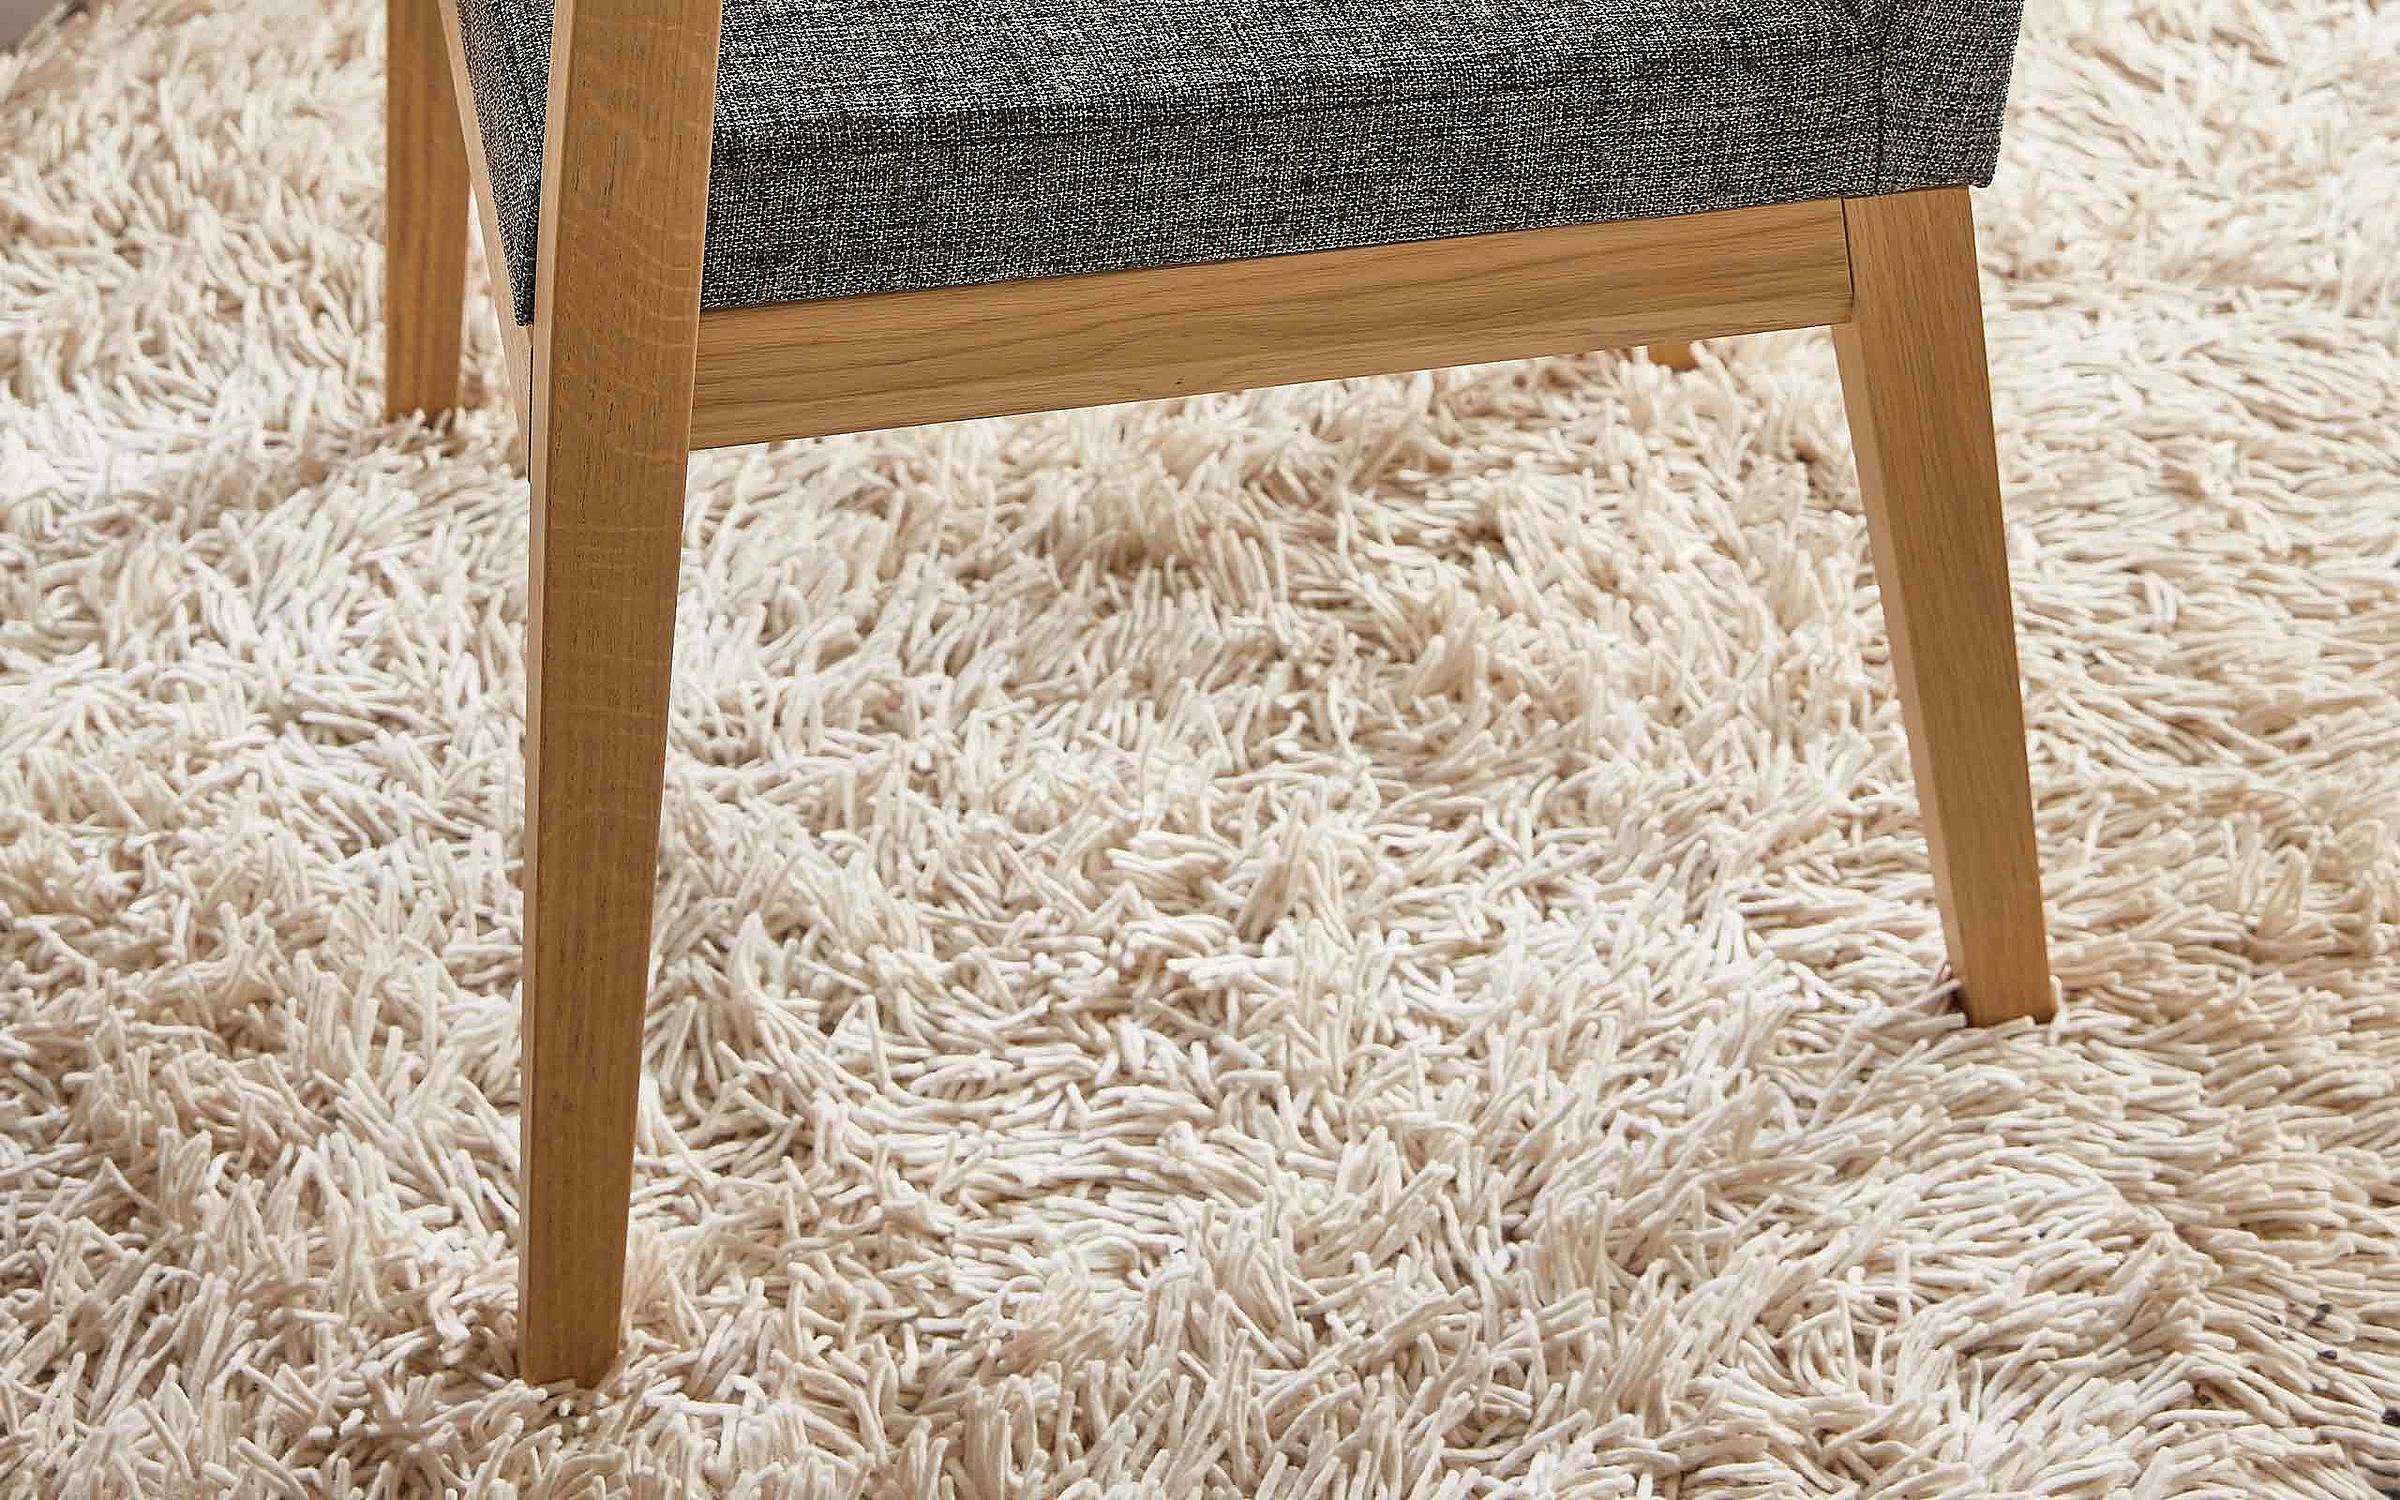 Stuhl R1 Wohnzimmer Polster Stoff Holz